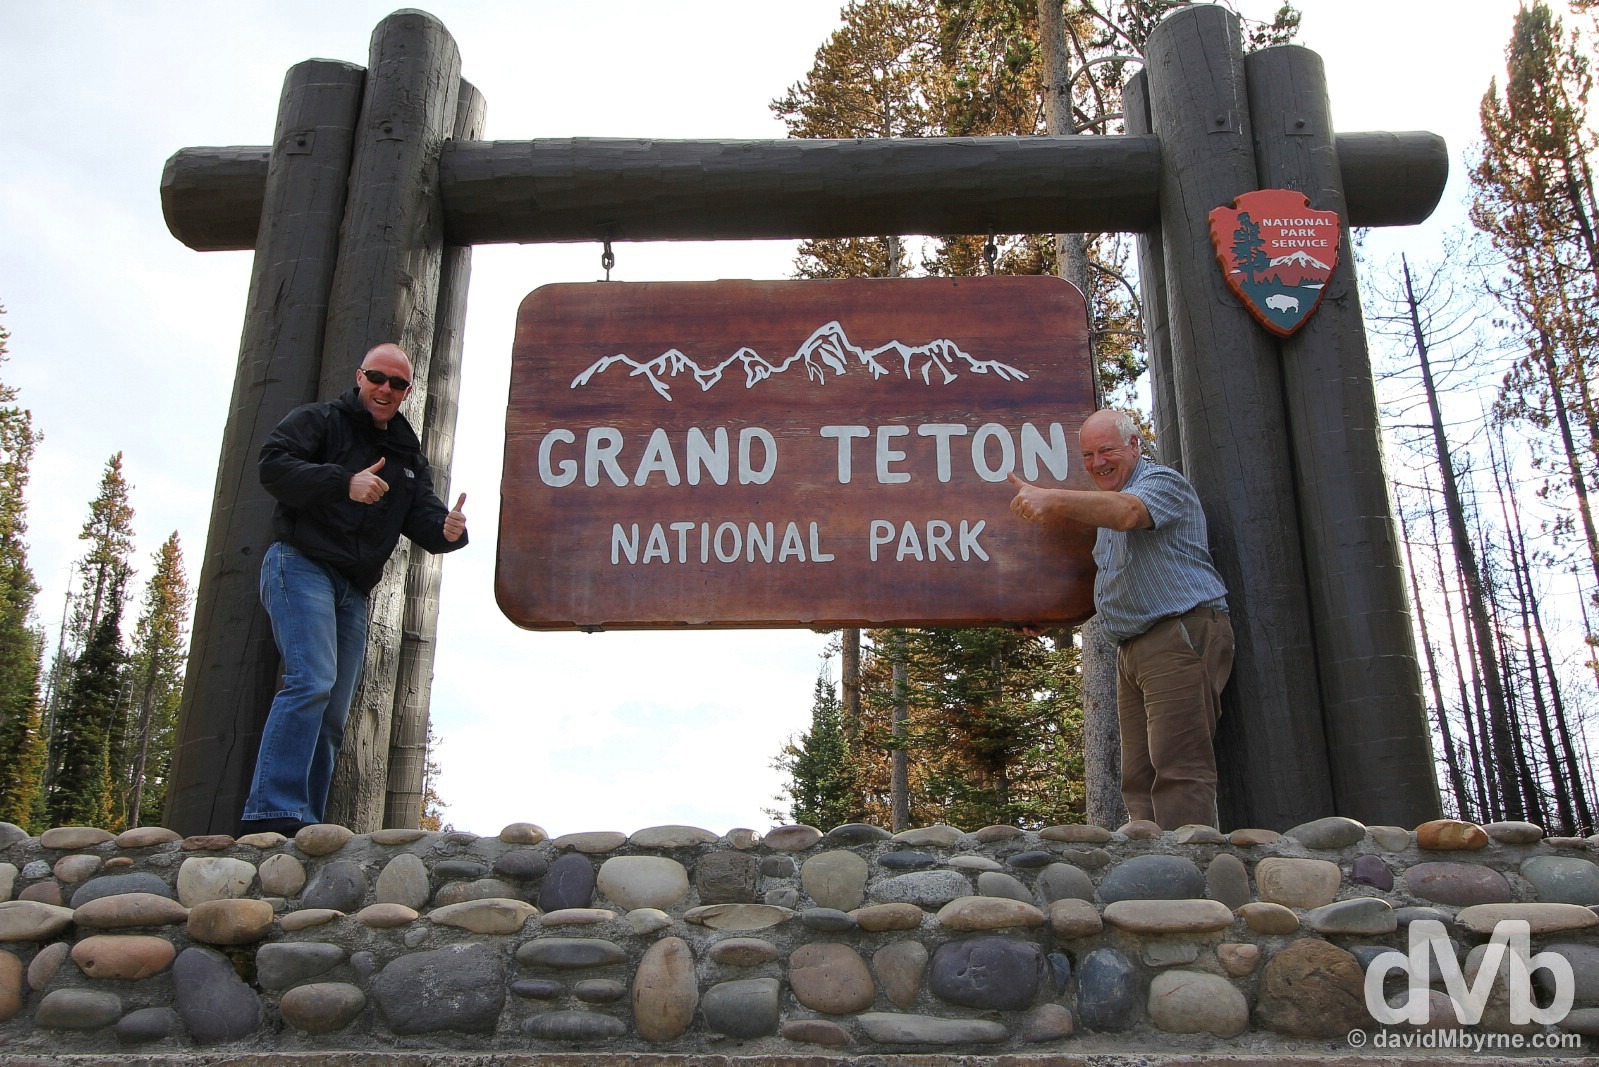 Grand Teton National Park, Wyoming. September 5, 2016.